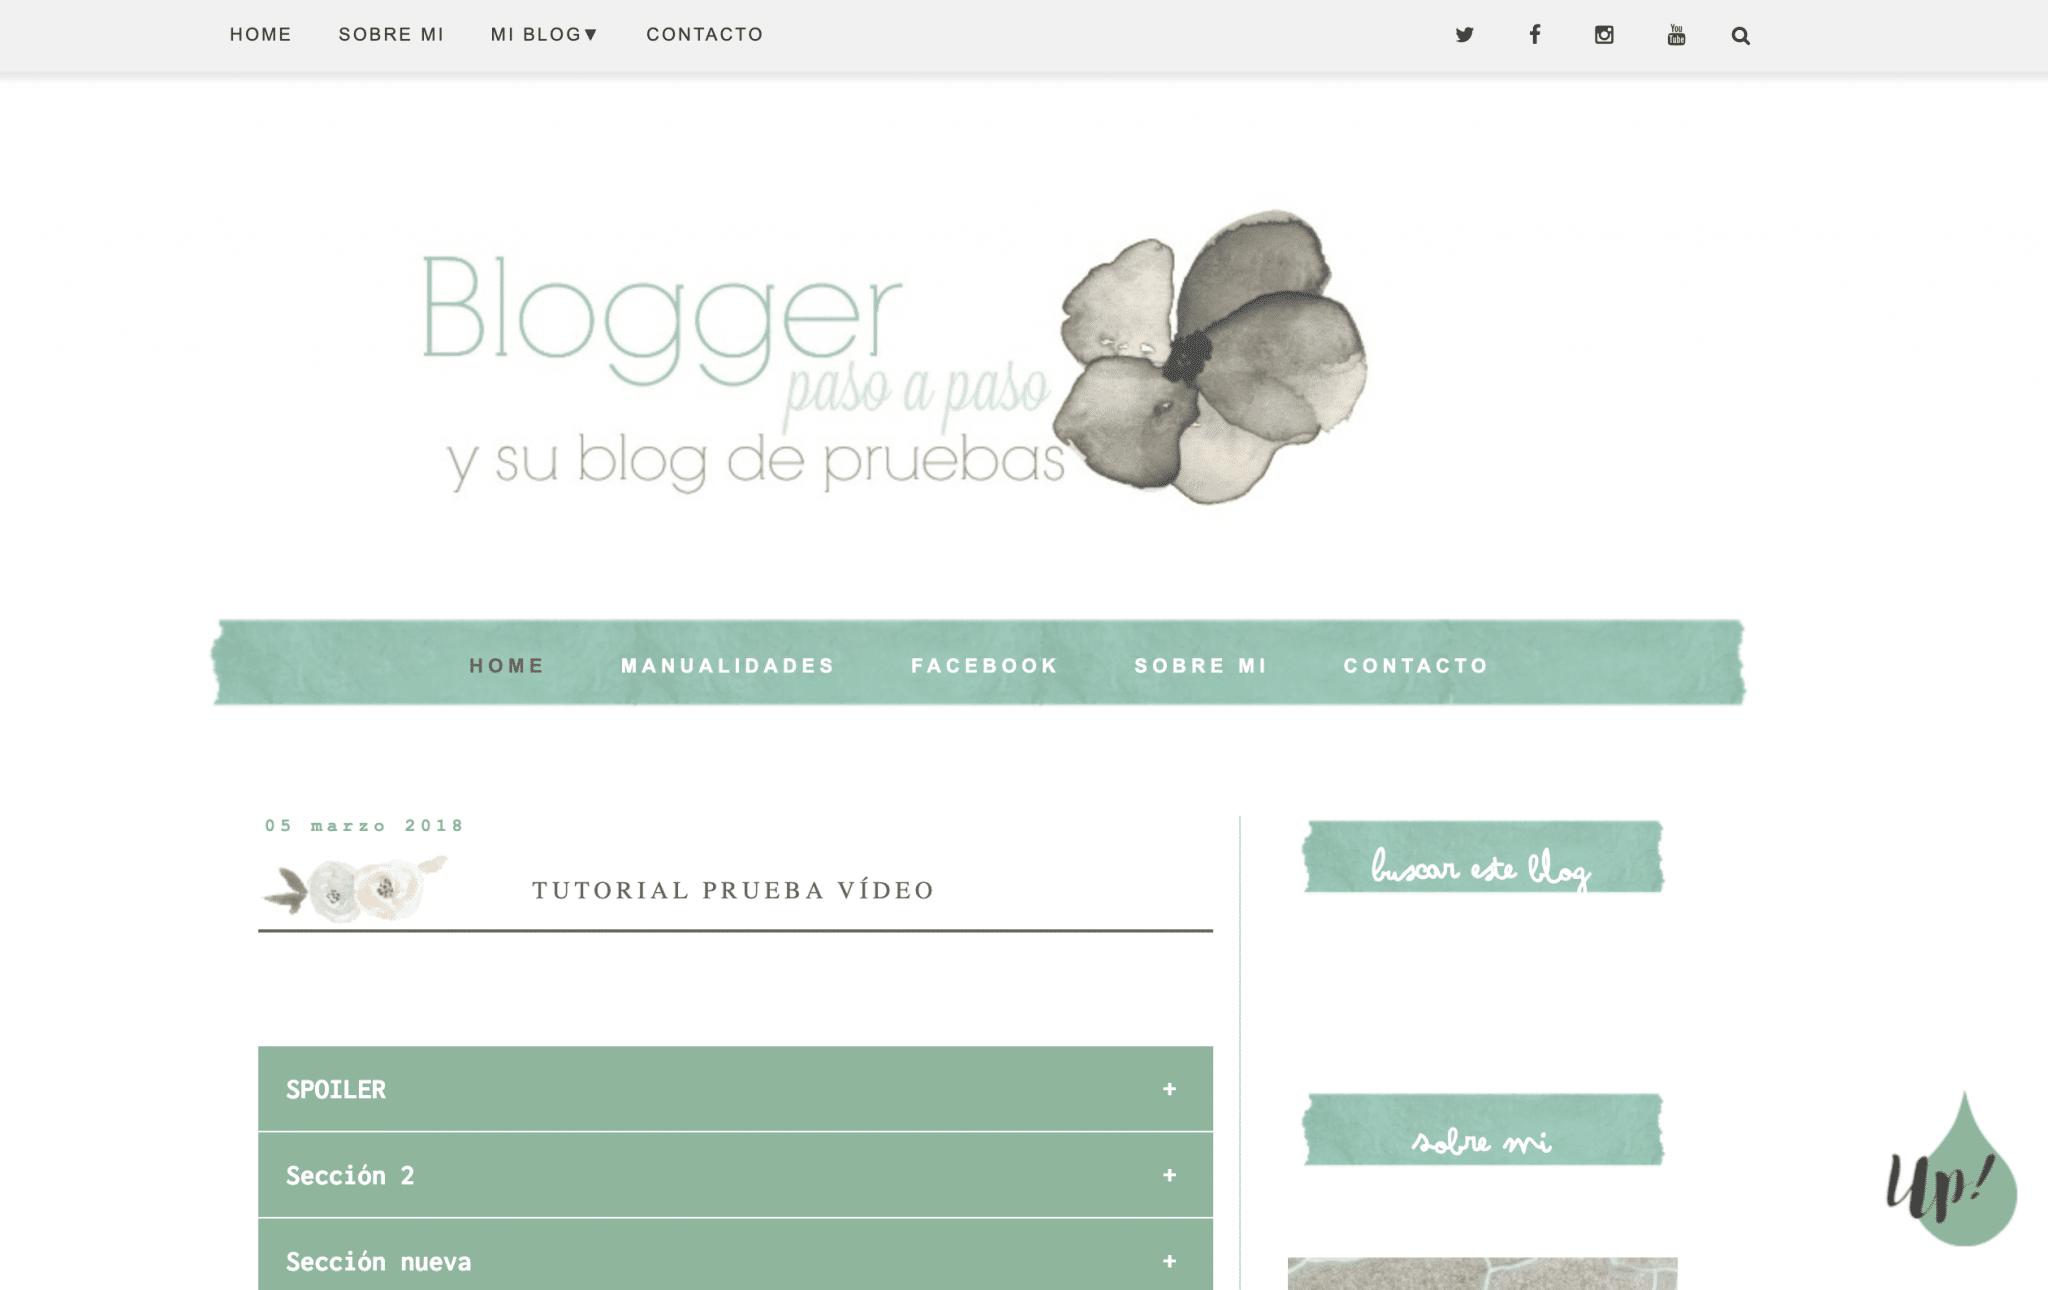 blog pruebas curso gratis crea tu blog desde cero paso a paso